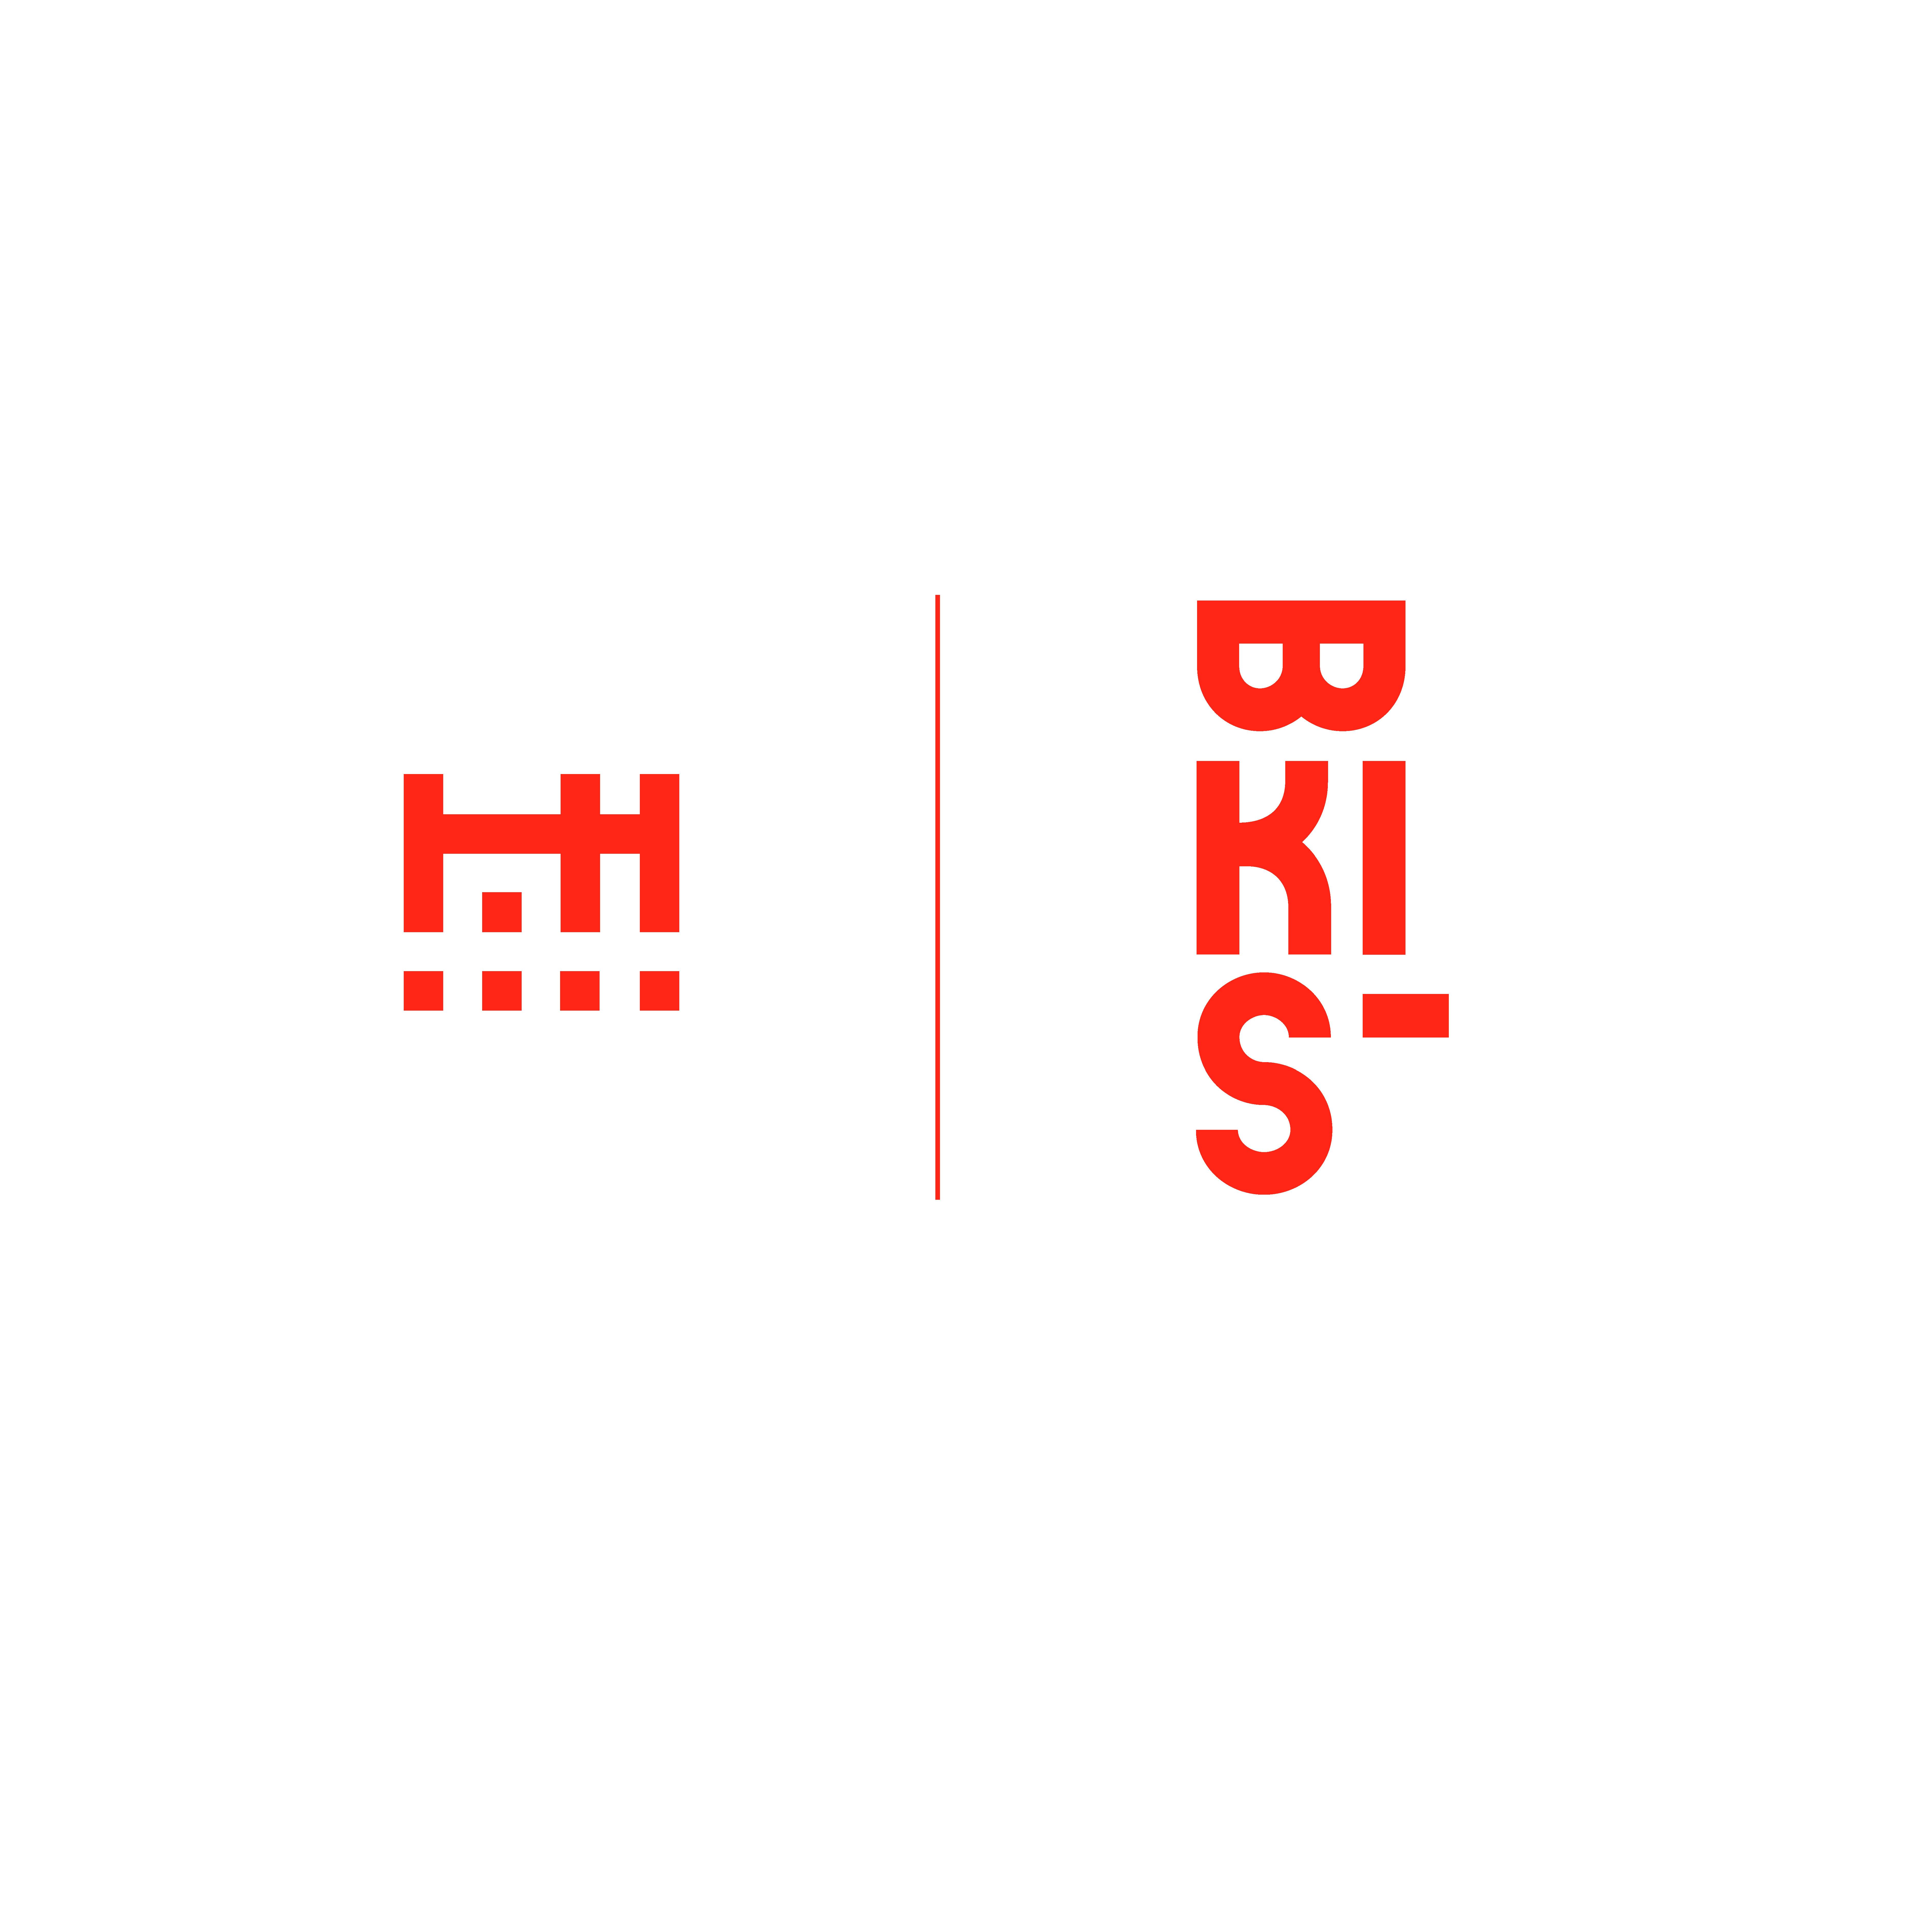 Dvojička_hrad BA+BKIS_all_Page_4